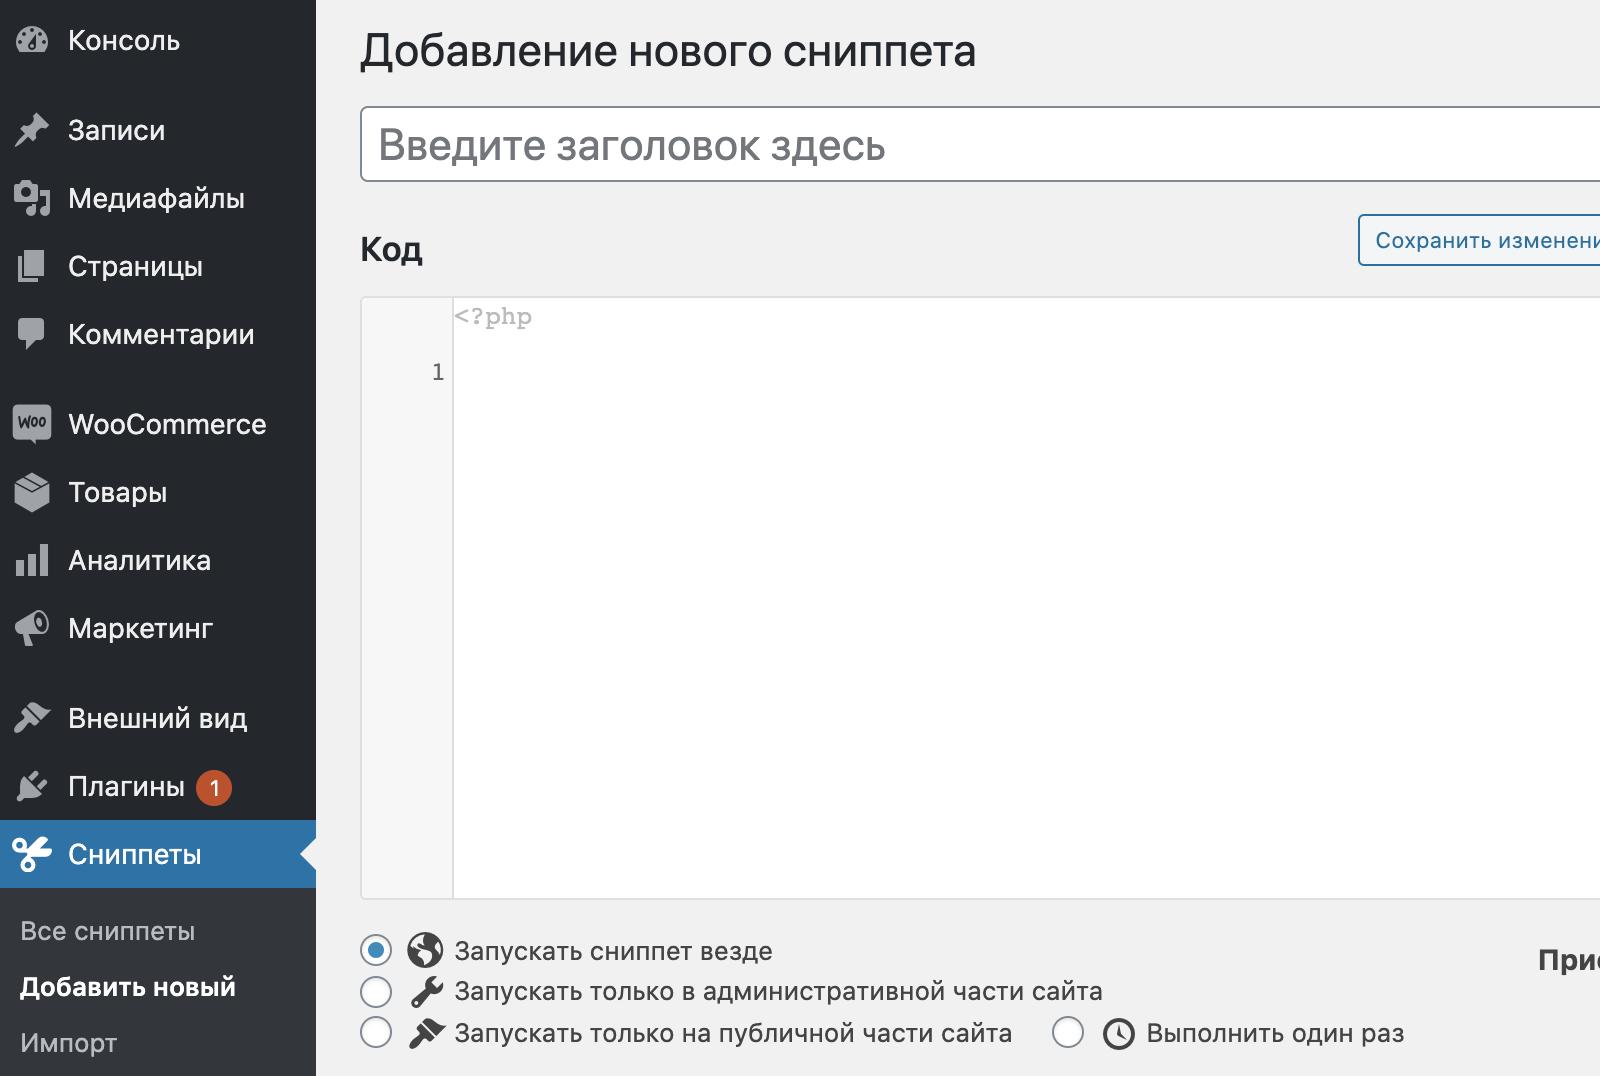 Добавление нового сниппета кода